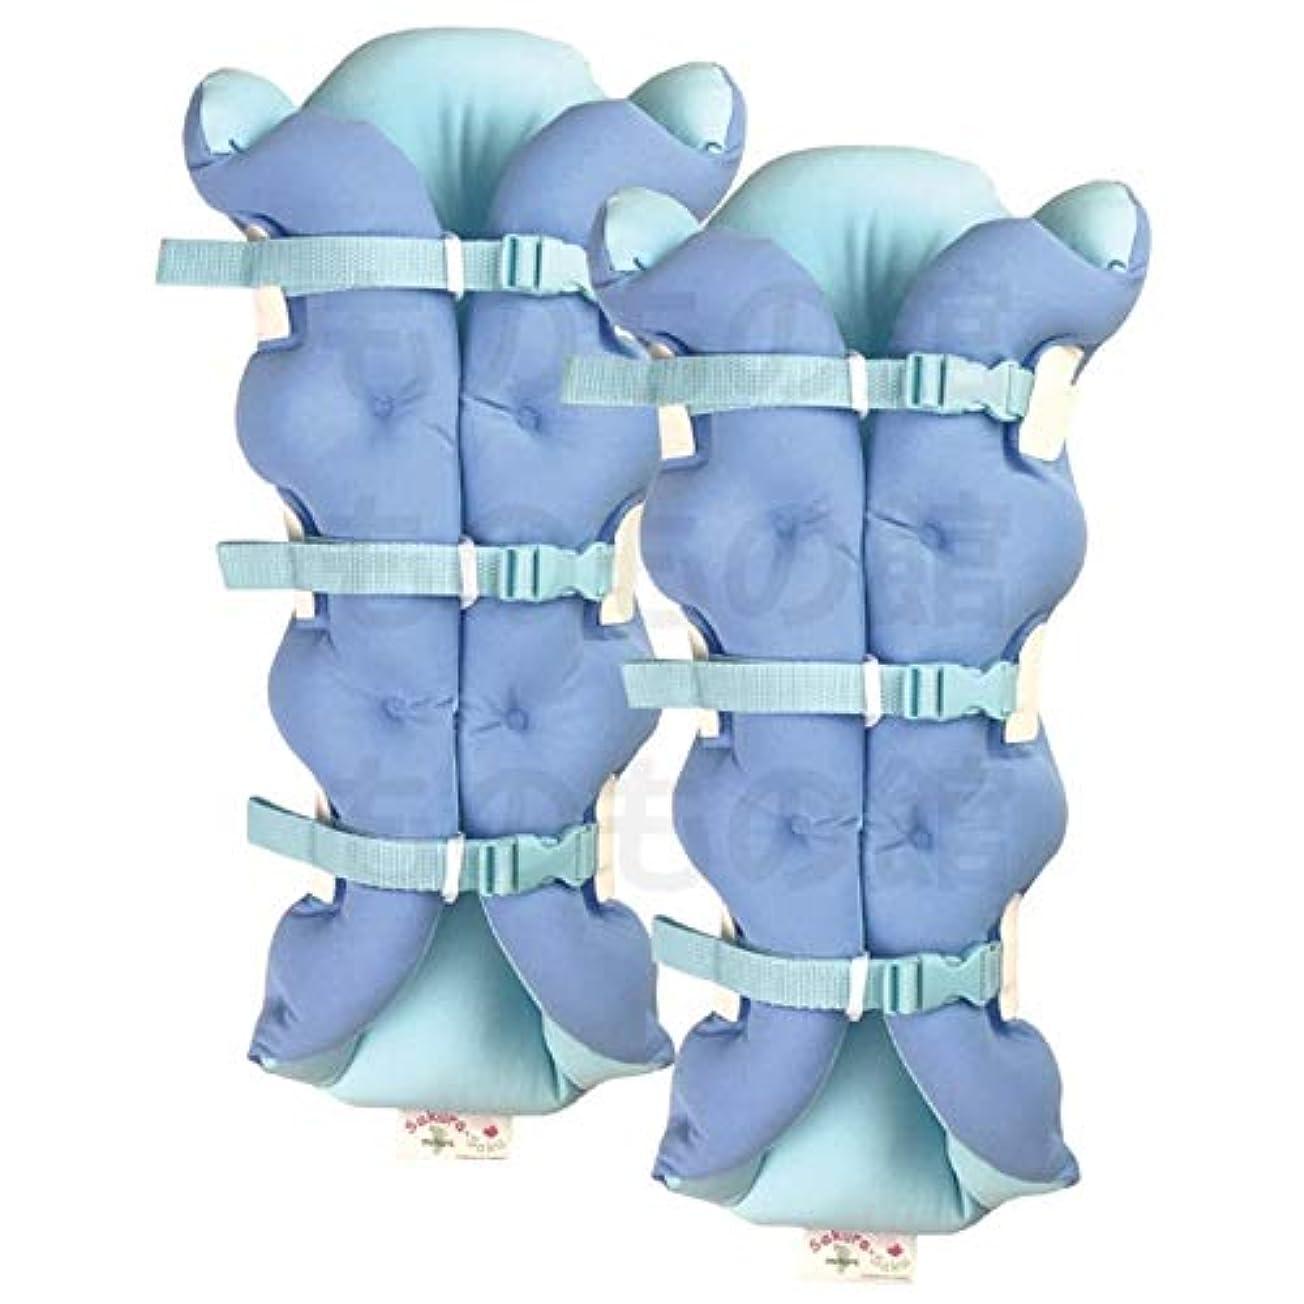 リテラシー辞書鳩サクラ咲く足まくら EVOLUTION (両足セット) ブルー